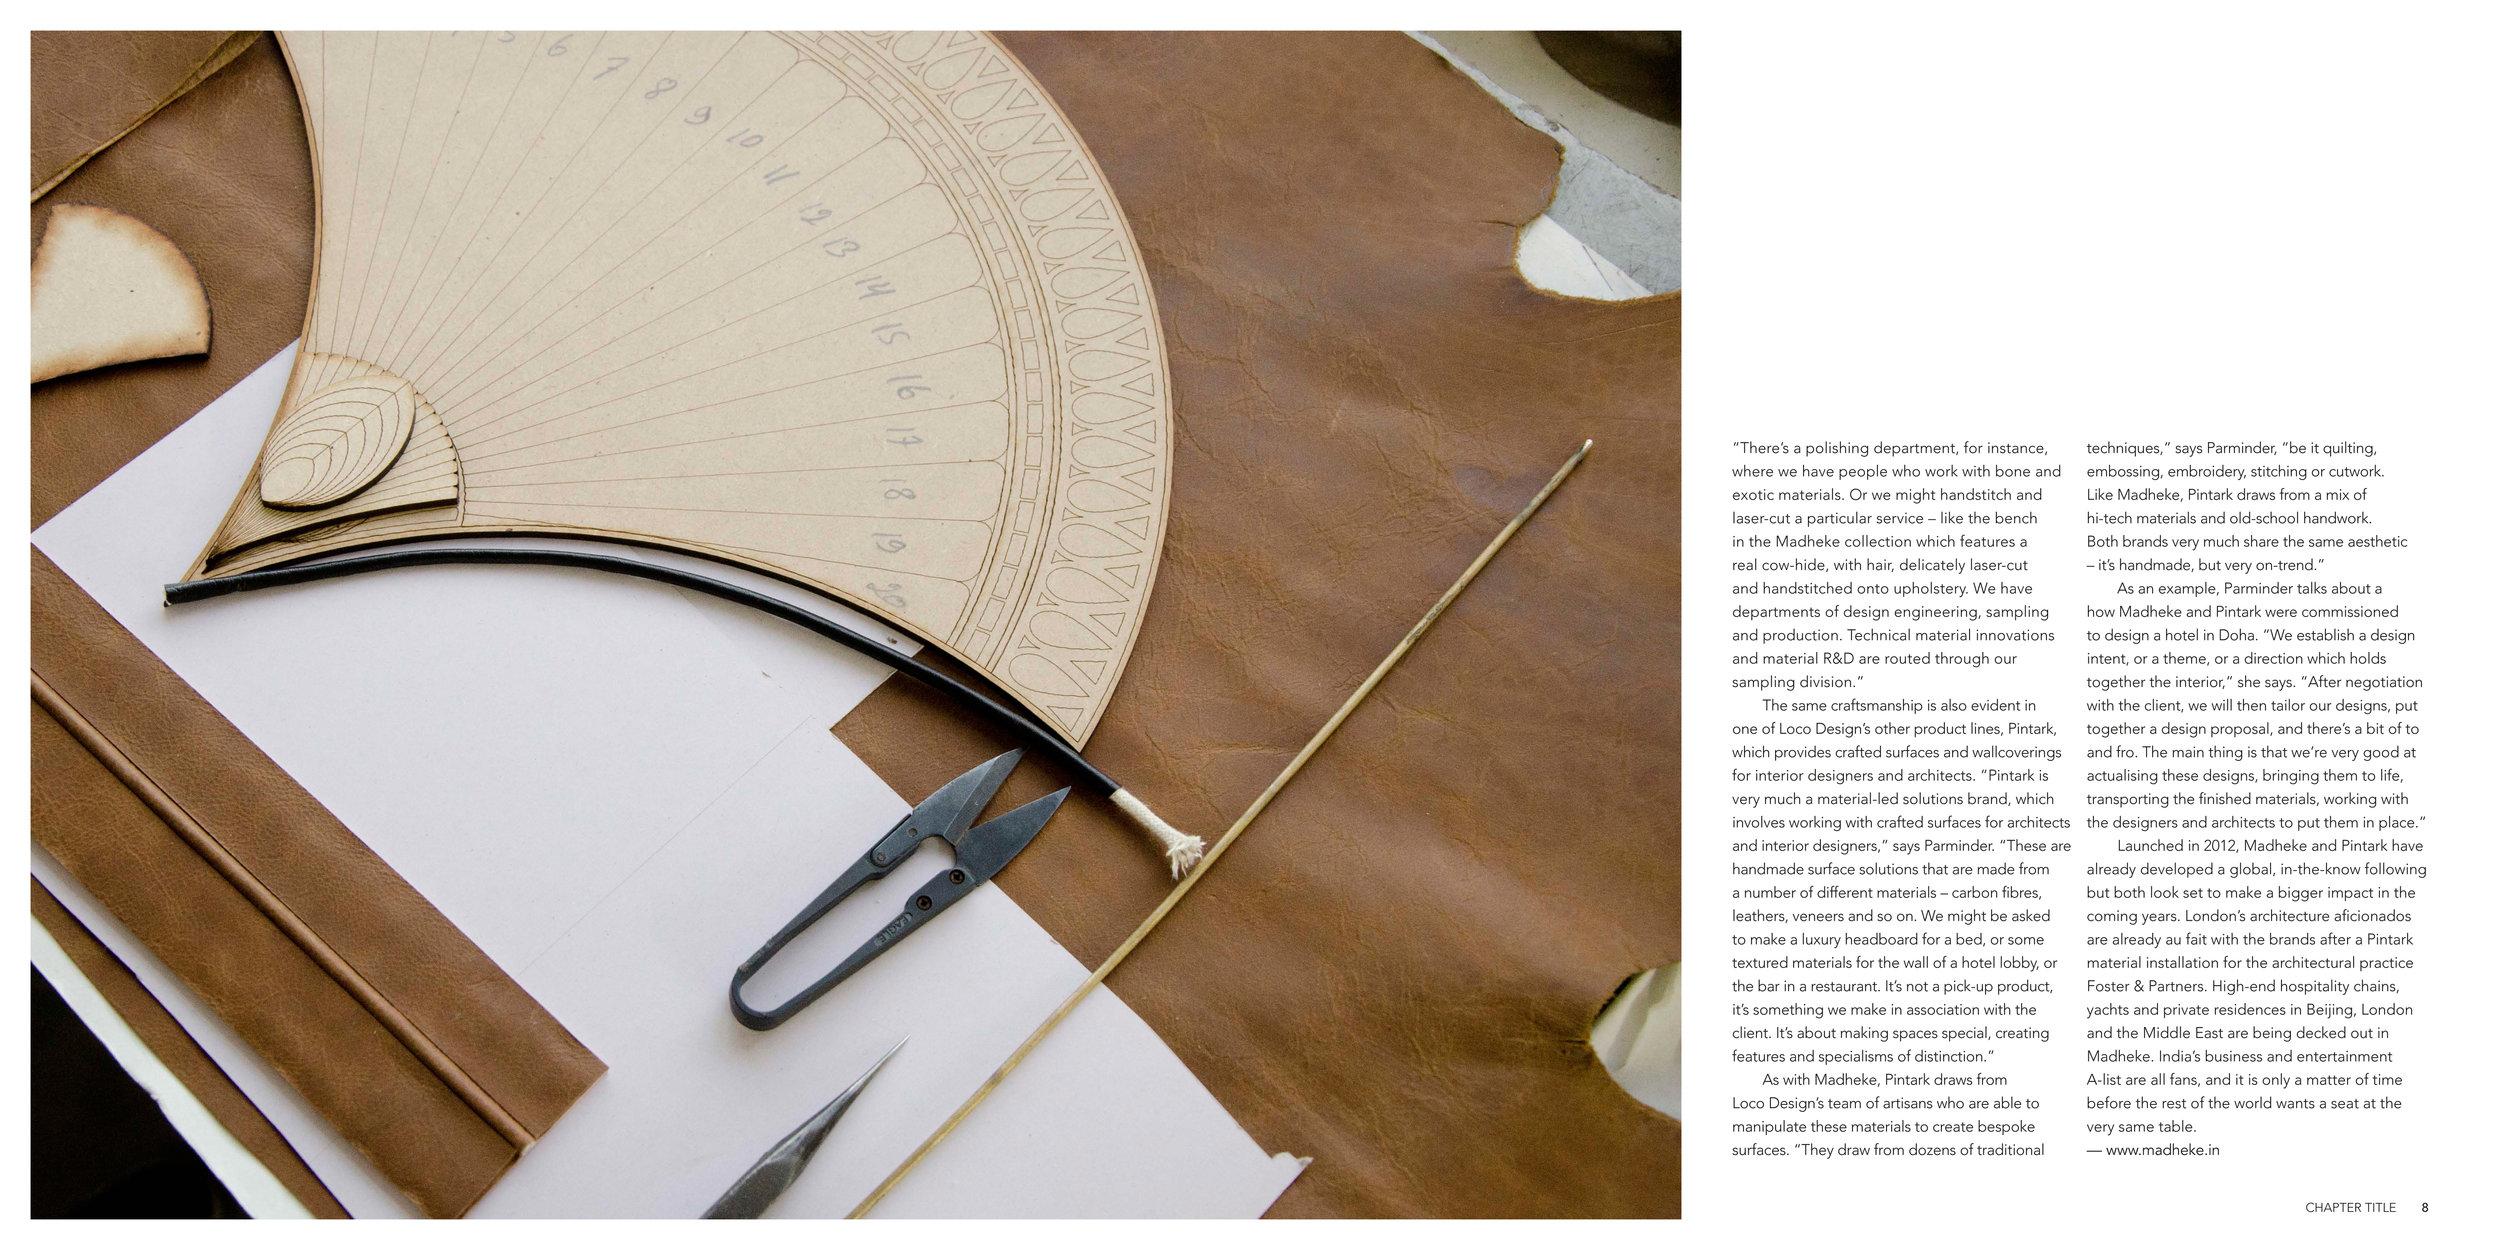 RREC10-Madheke-Loco-Design-v5-4.jpg